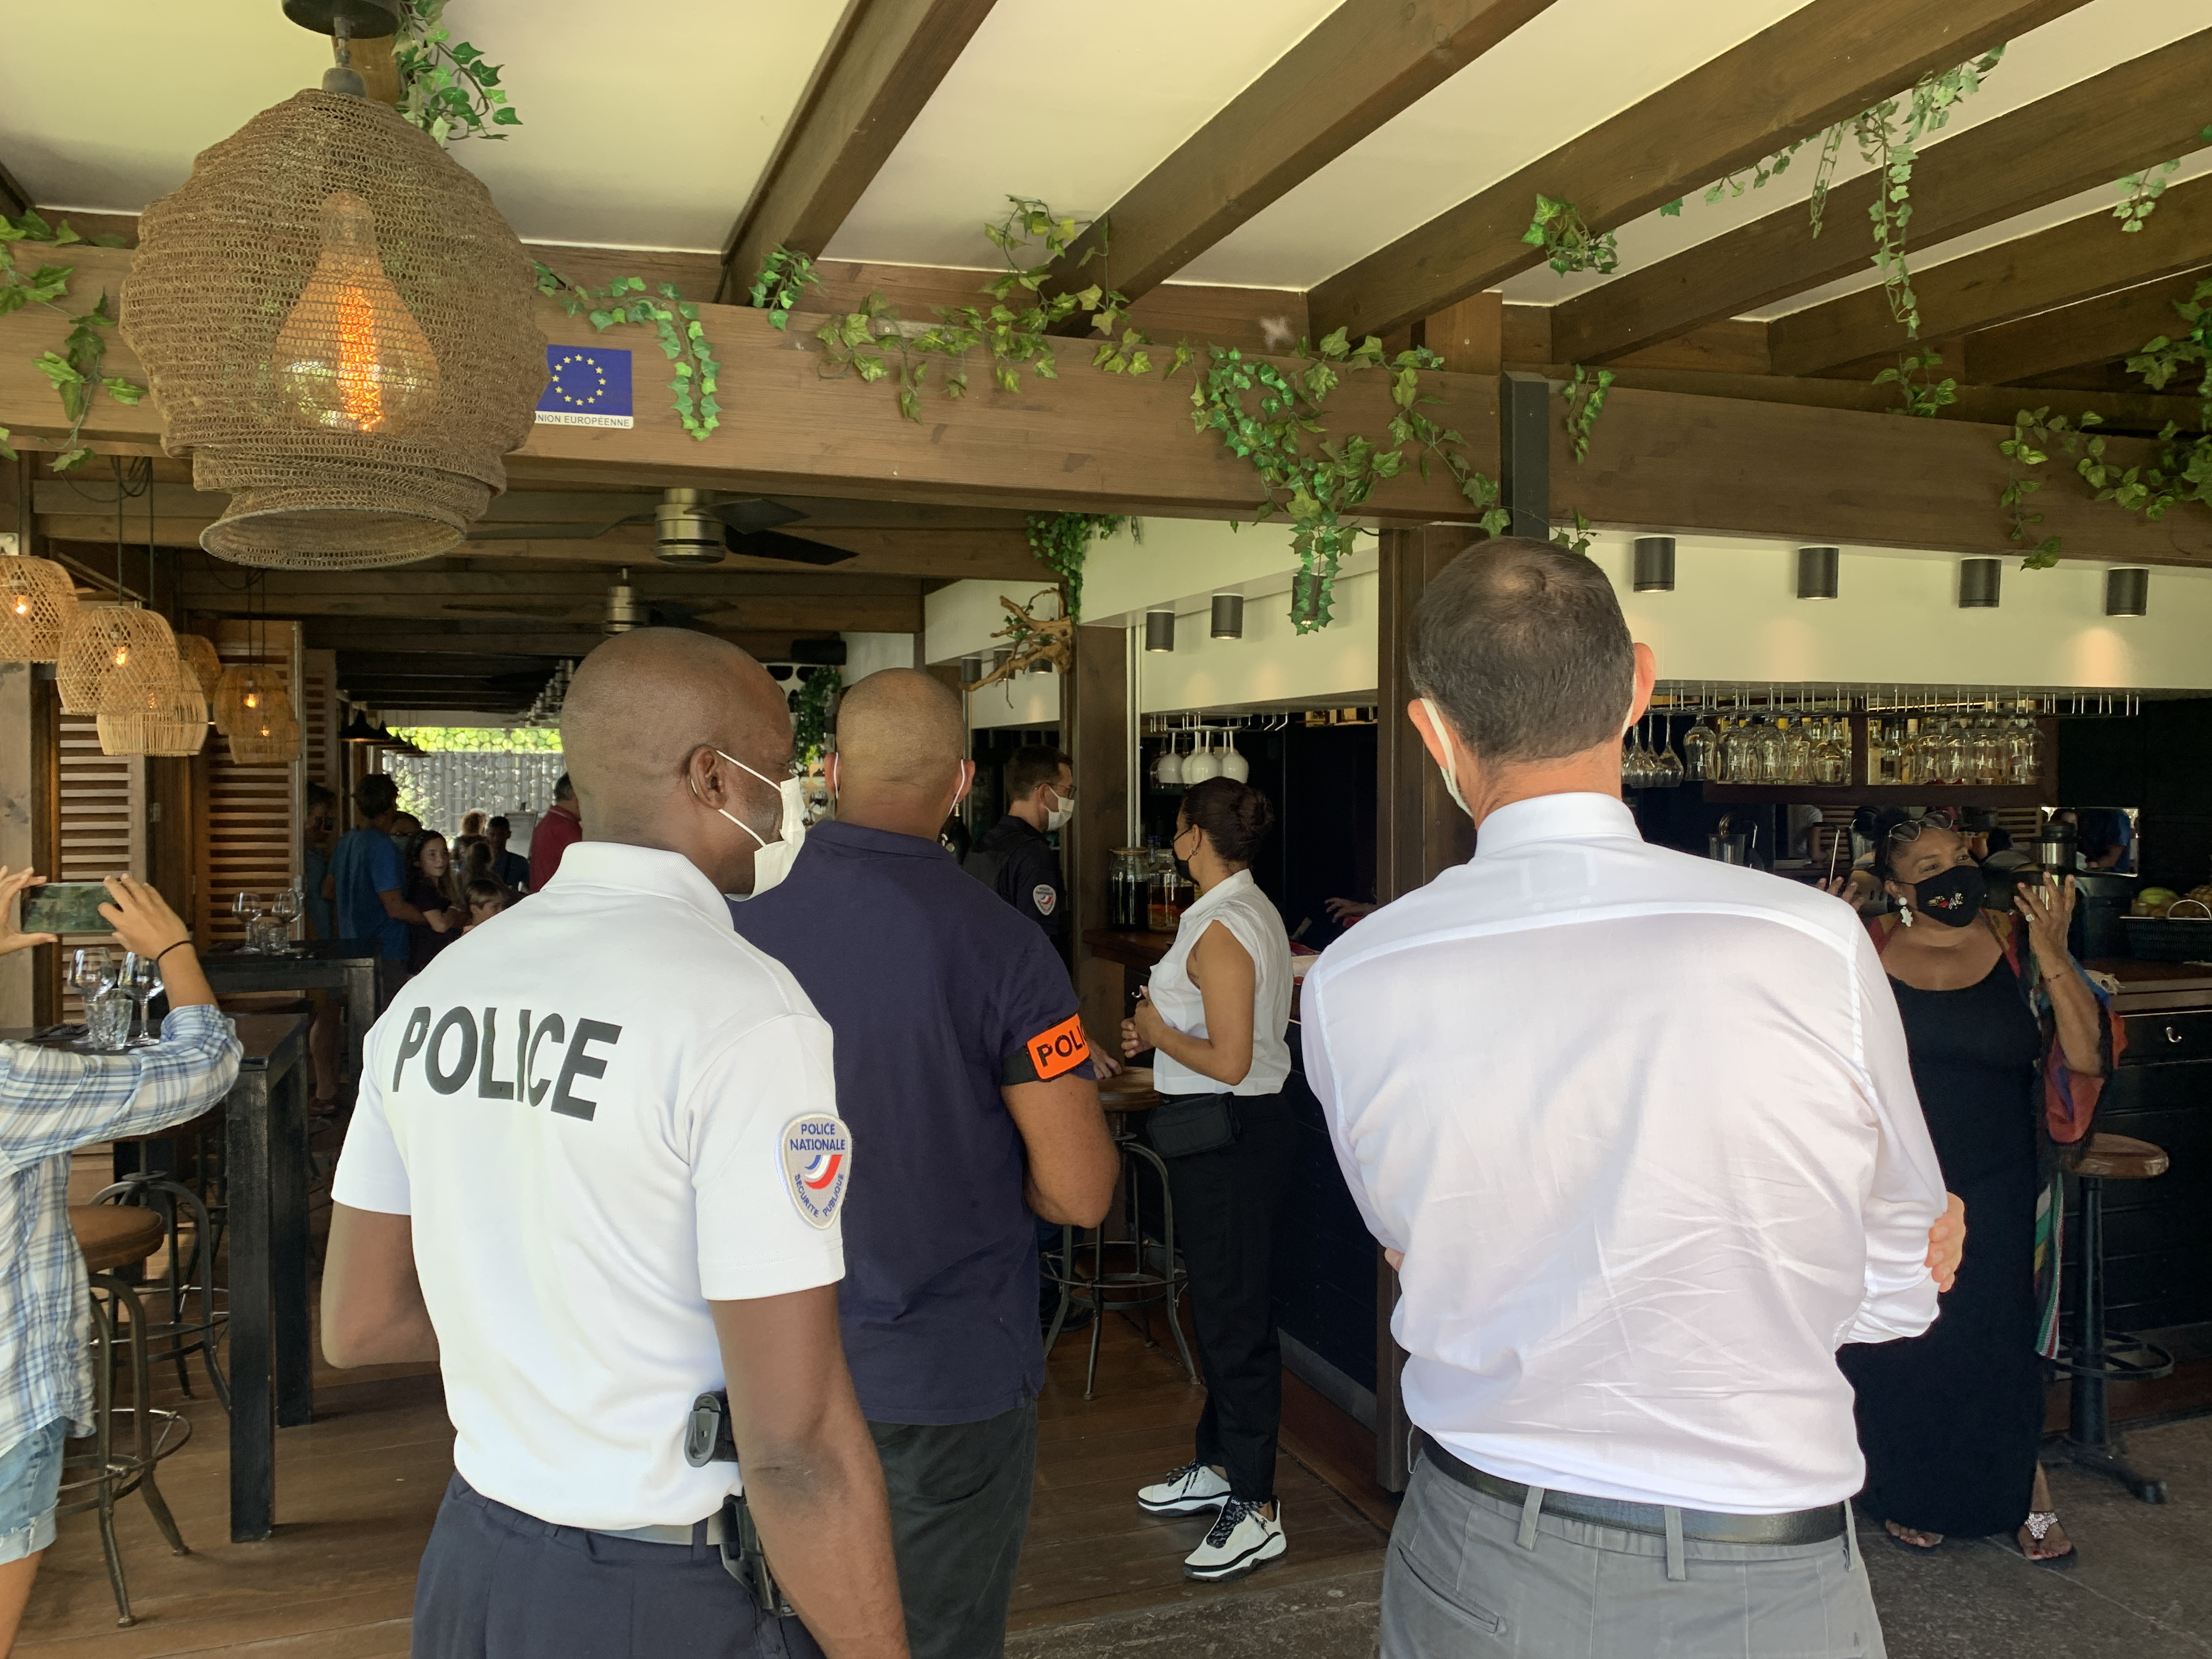 Pass sanitaire : une opération de contrôle dans les restaurants ce dimanche midi